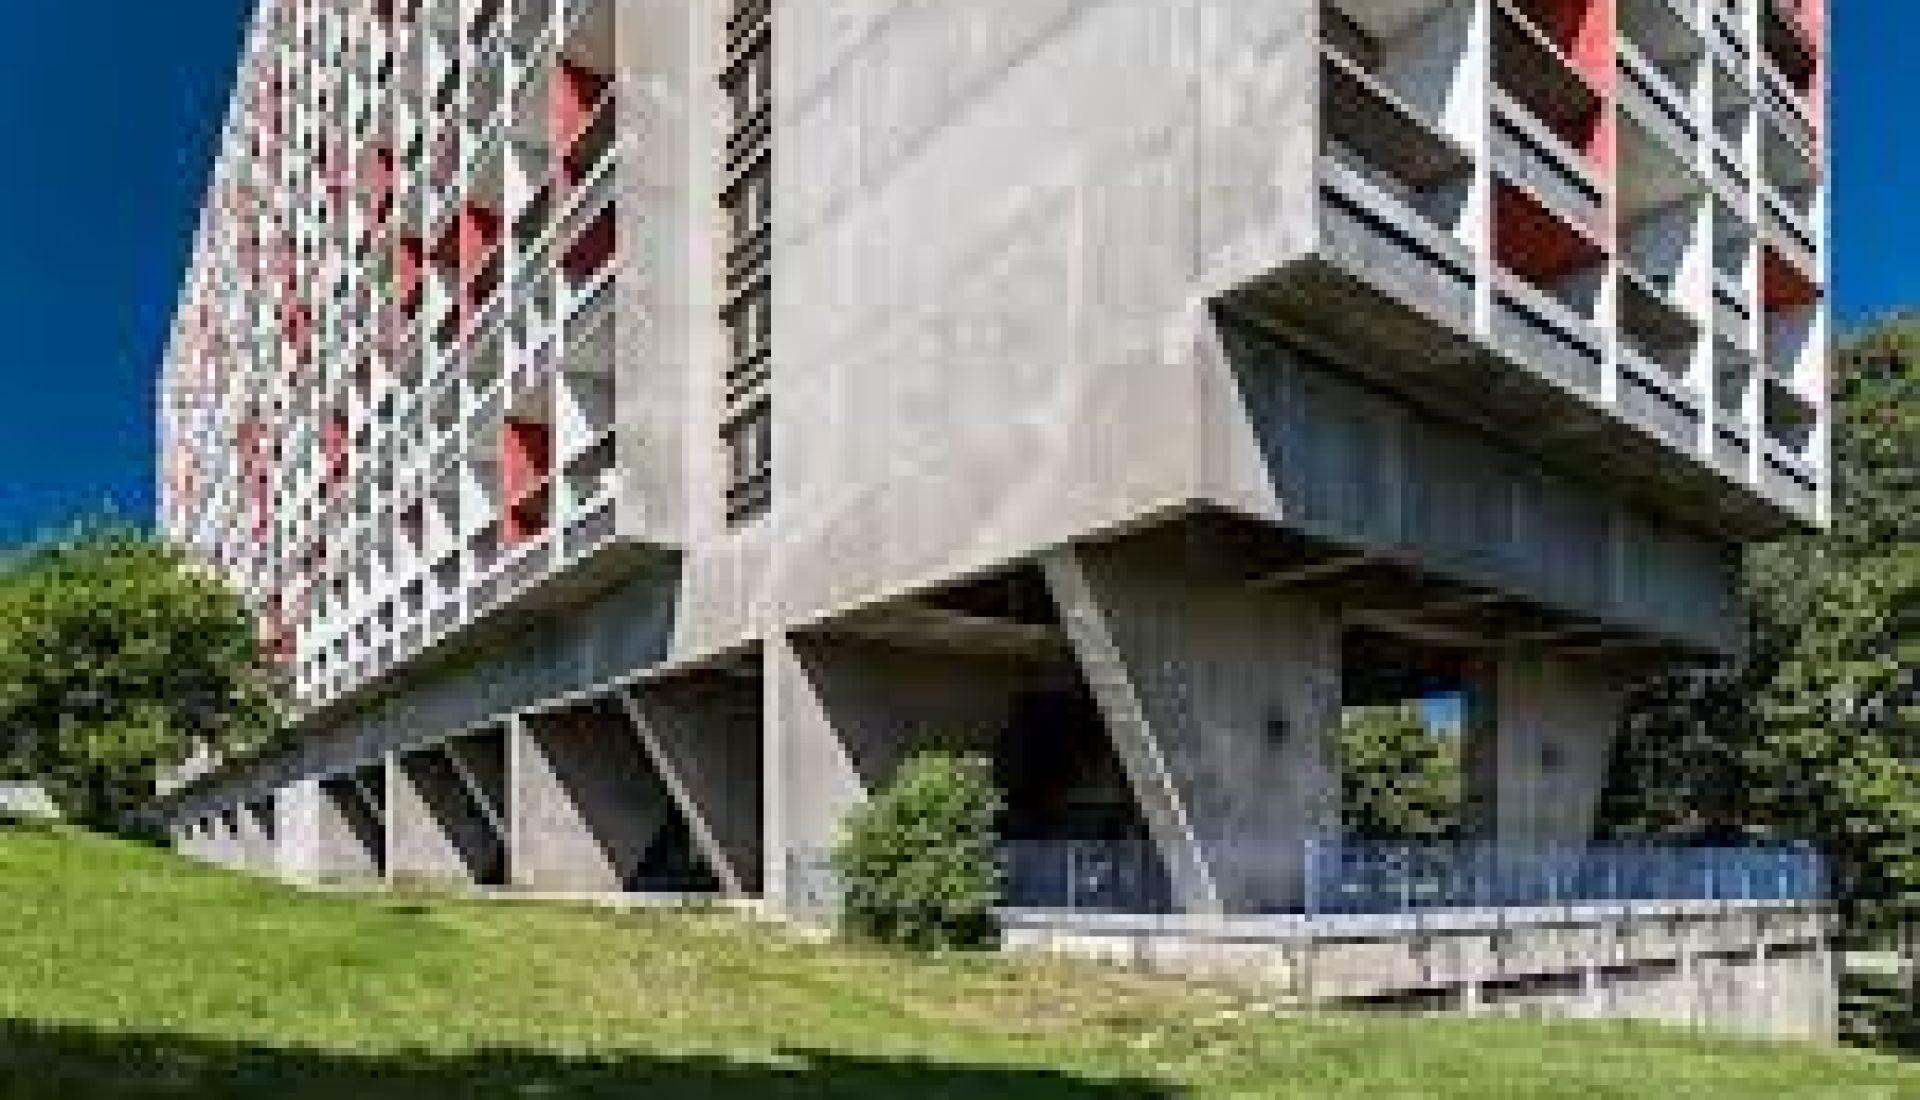 Firminy : unité d'habitation et site LE CORBUSIER